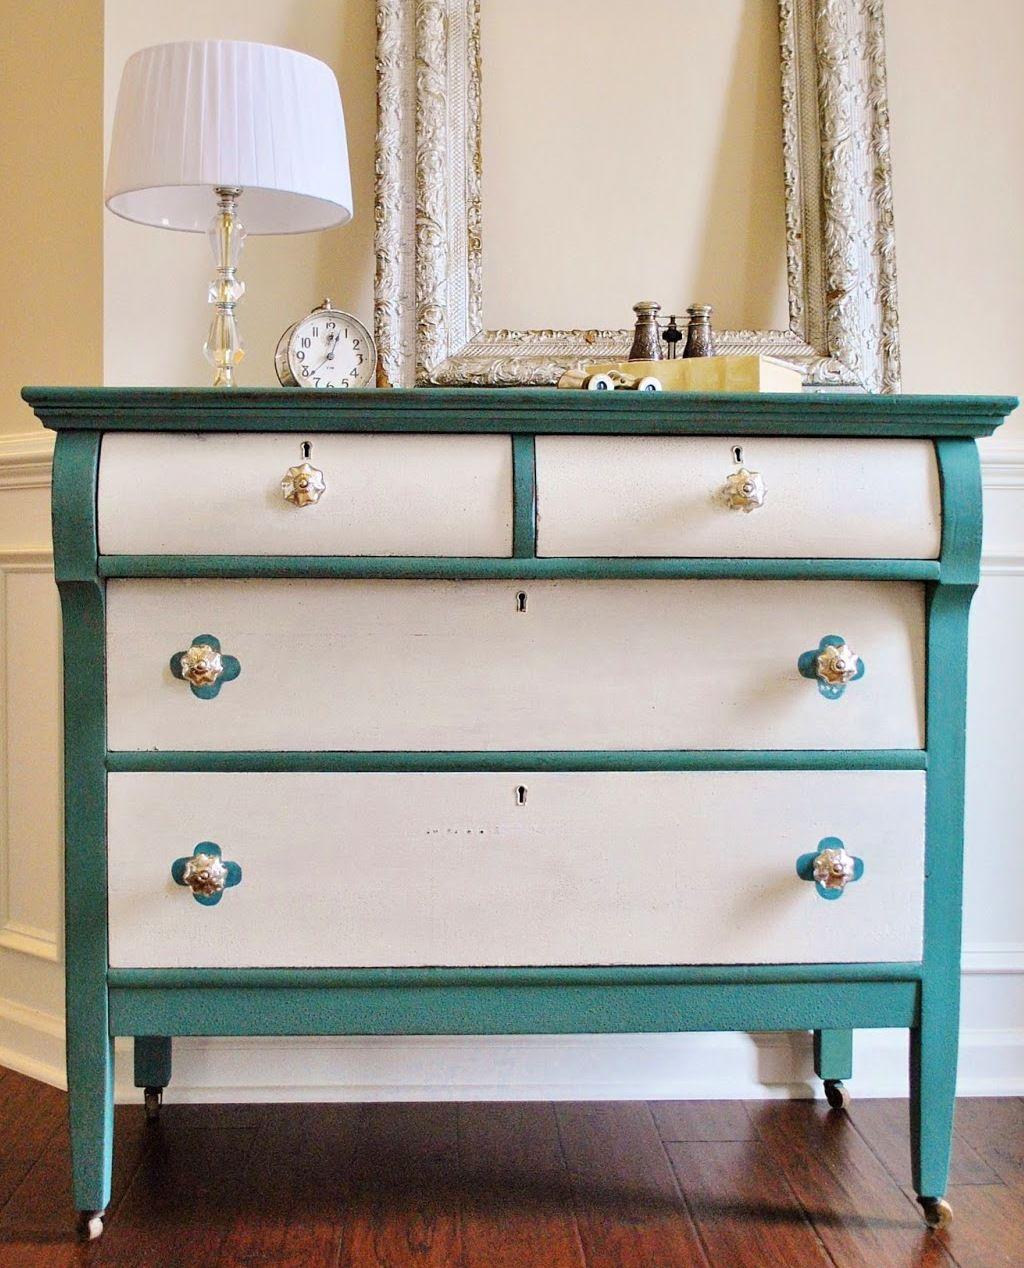 Interessante Möbel-Streichen-Ideen | Pinterest | Blau und Weiß, Blau ...